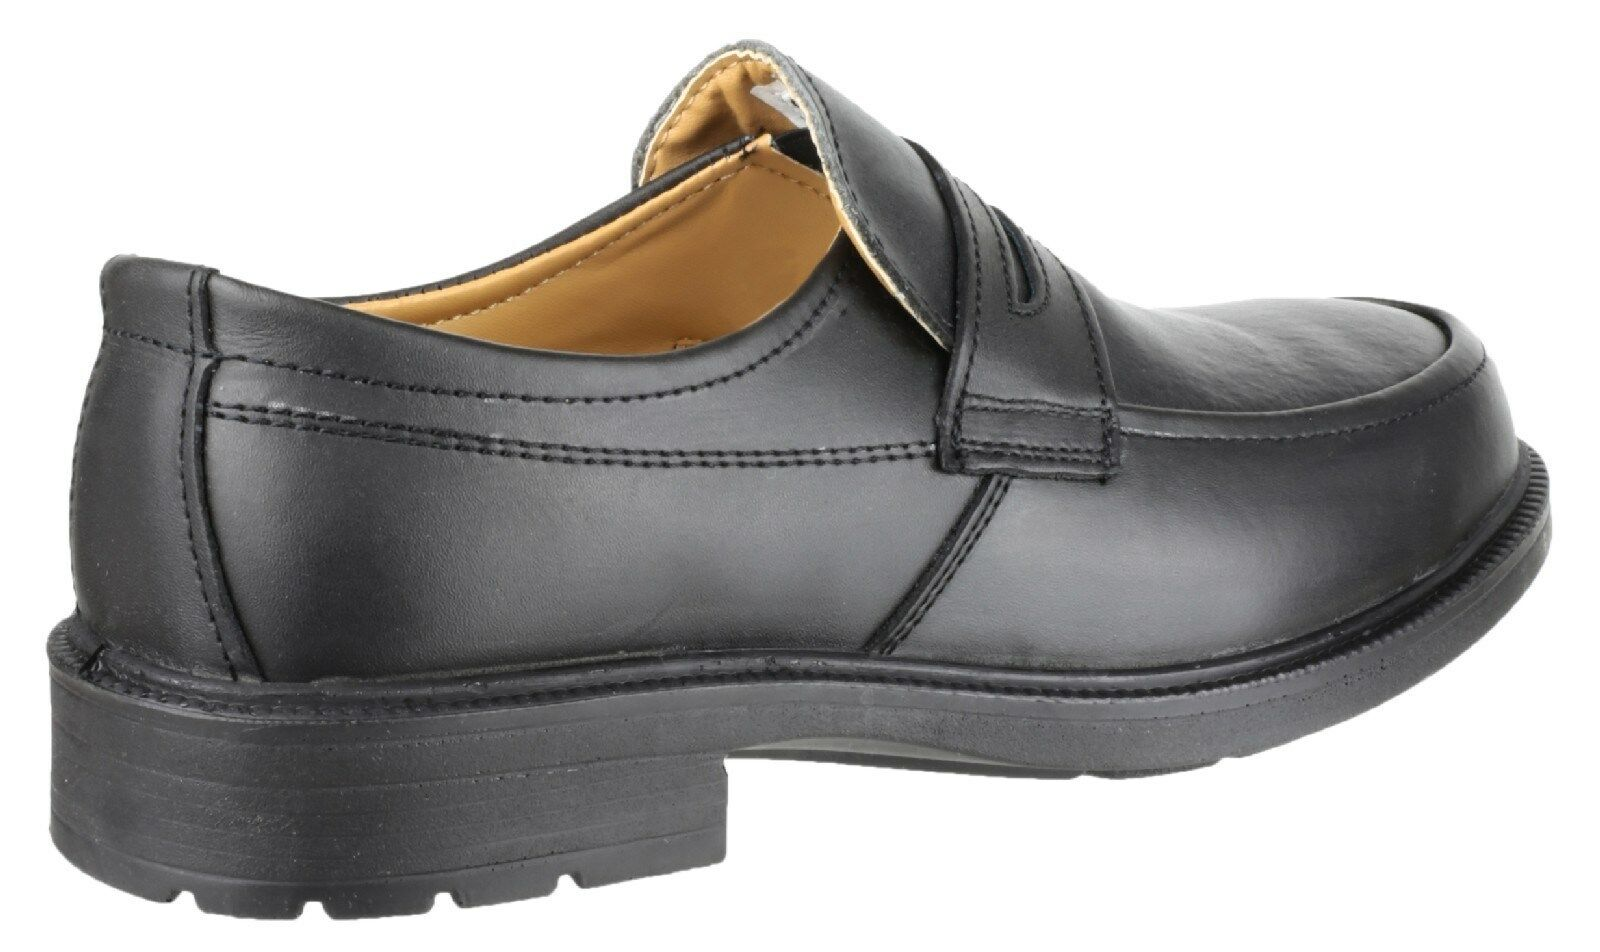 Amblers FS46 Scarpe Antinfortunistiche Da Uomo Smart In Acciaio Acciaio Acciaio Punta Lavoro Industriale SLIP ONS | Ben Noto Per Le Sue Belle Qualità  | Scolaro/Ragazze Scarpa  8a4dc8